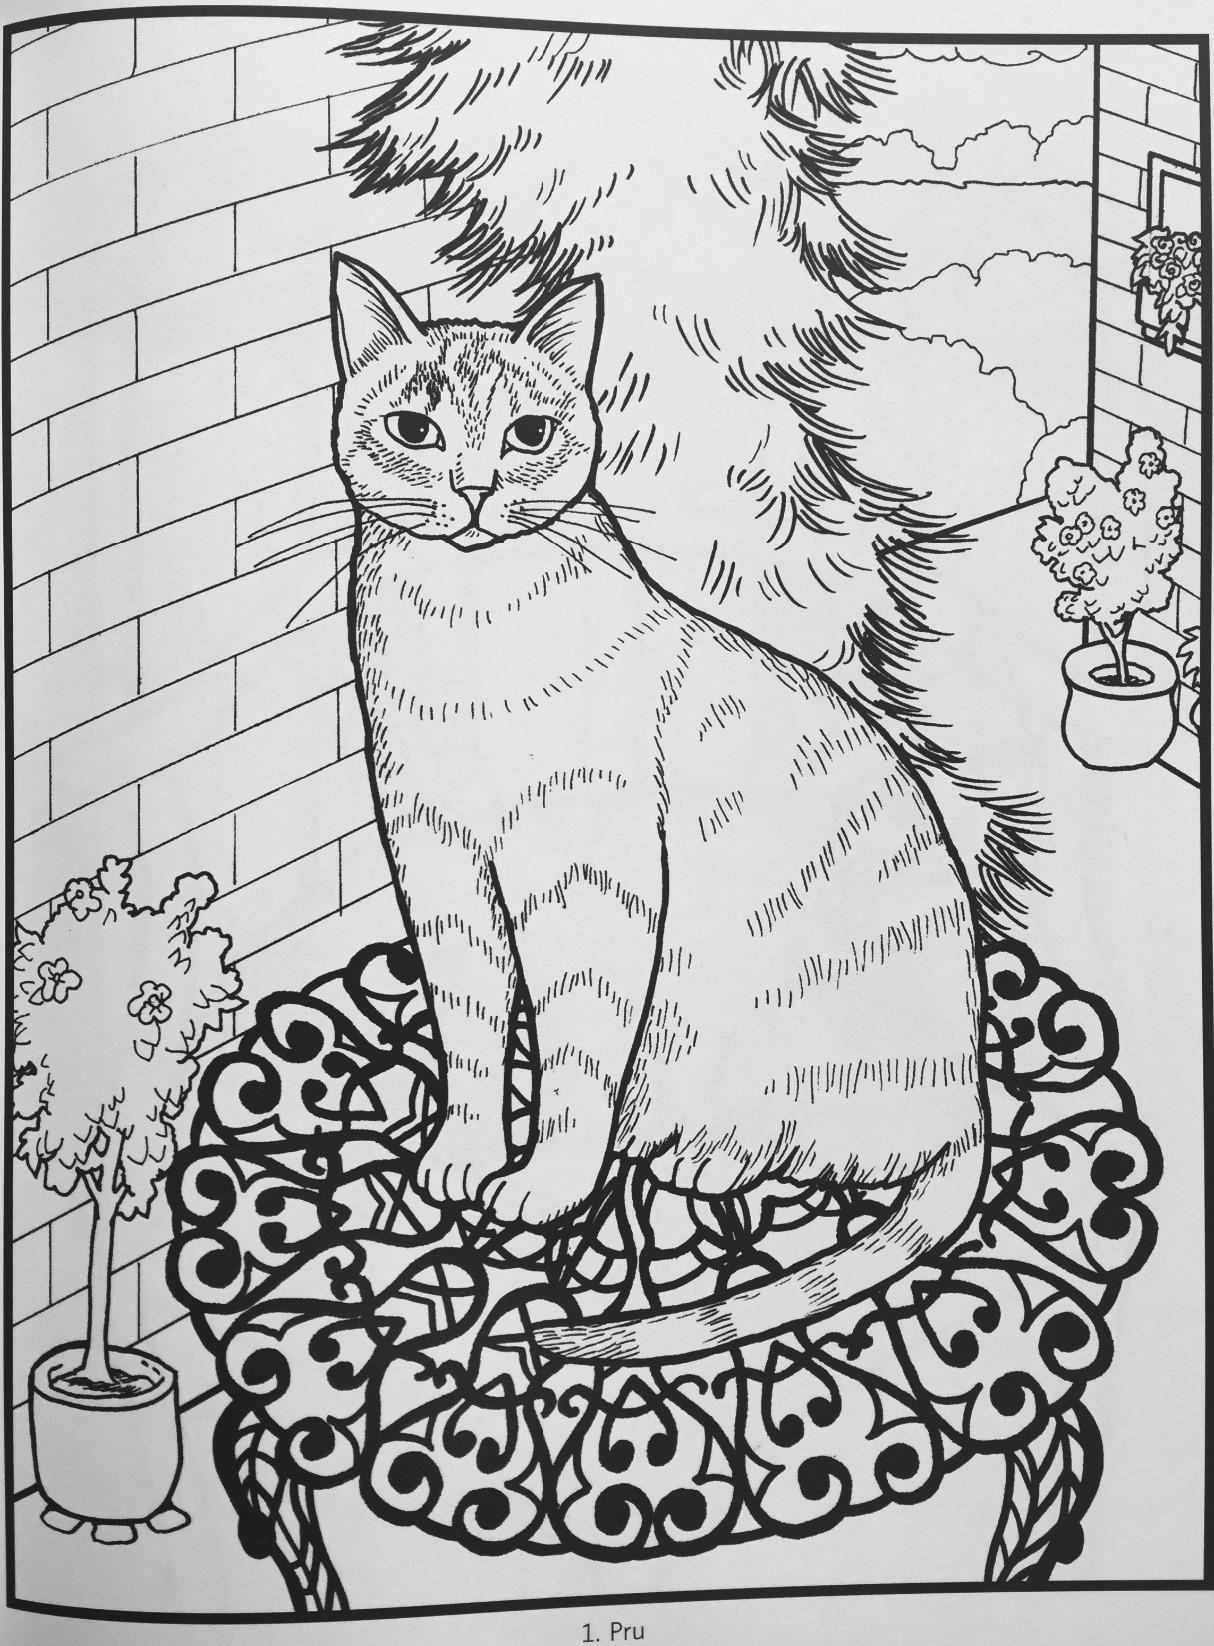 Amazon.com: iiiireader's review of Mimi Vang Olsen Cats ...